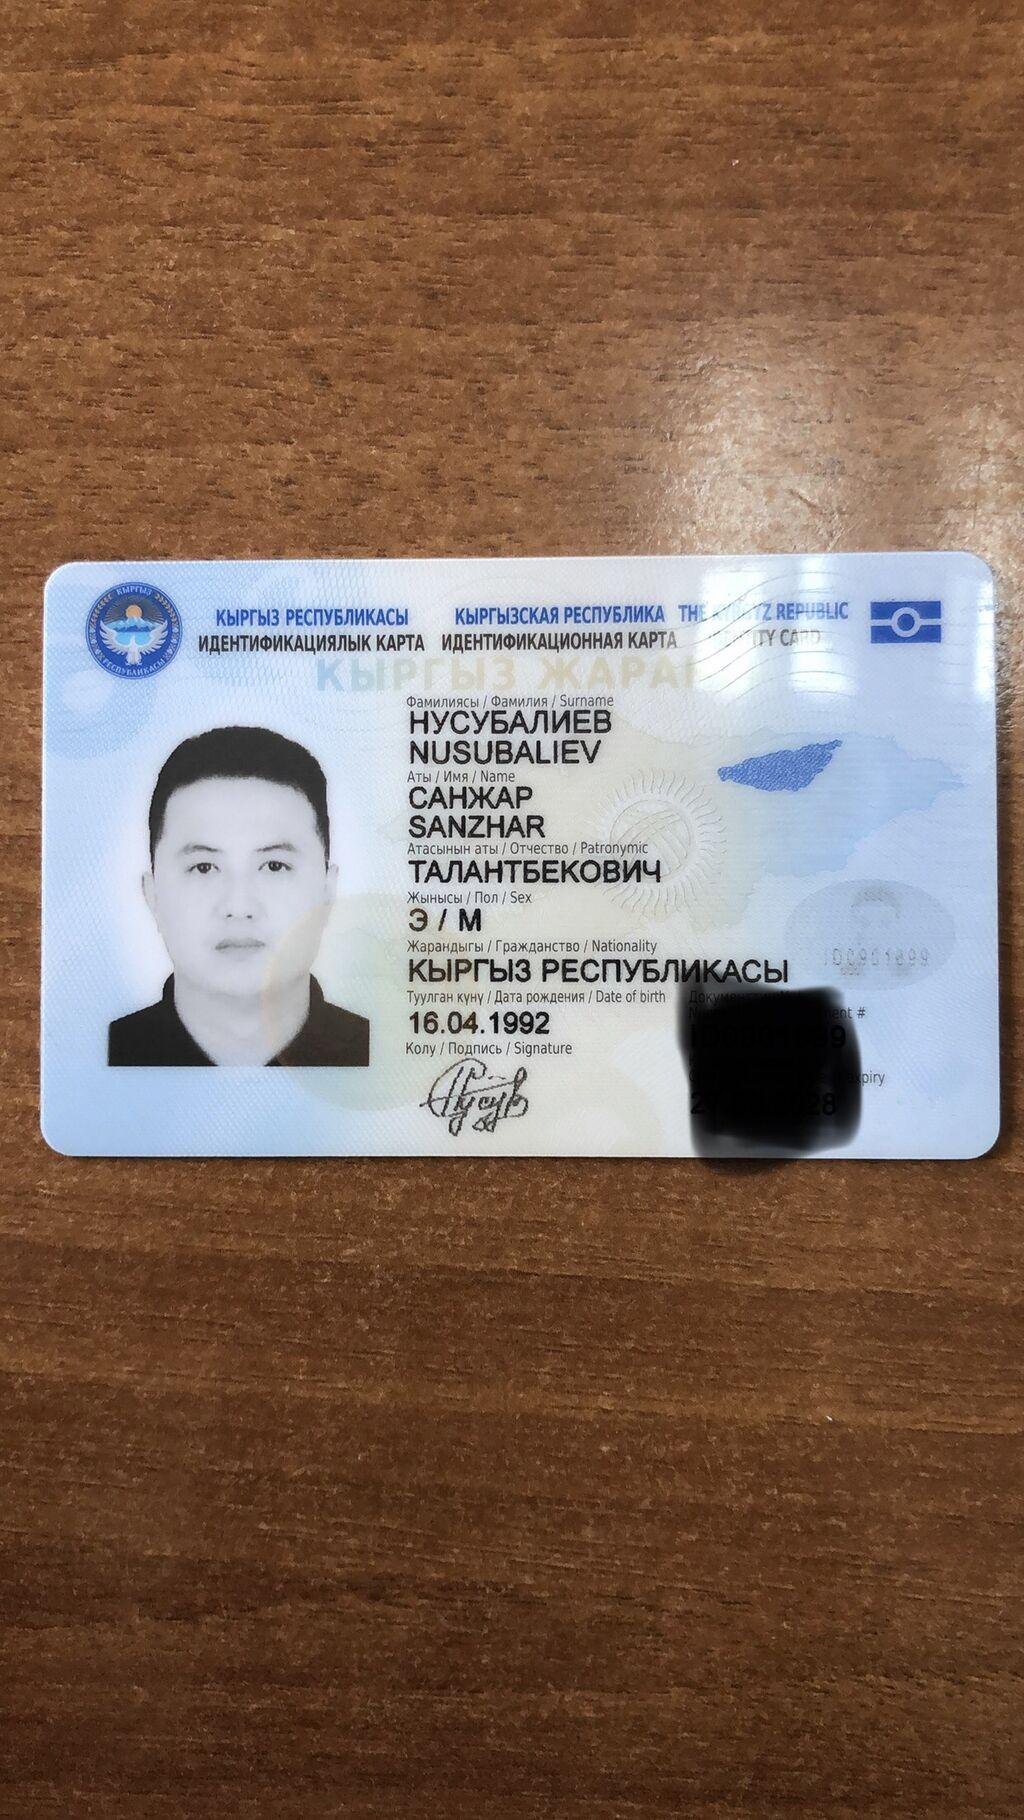 Утеряно портмоне вместе с паспортом, водительским удостоверением, а та   Объявление создано 15 Сентябрь 2021 13:46:25: Утеряно портмоне вместе с паспортом, водительским удостоверением, а та